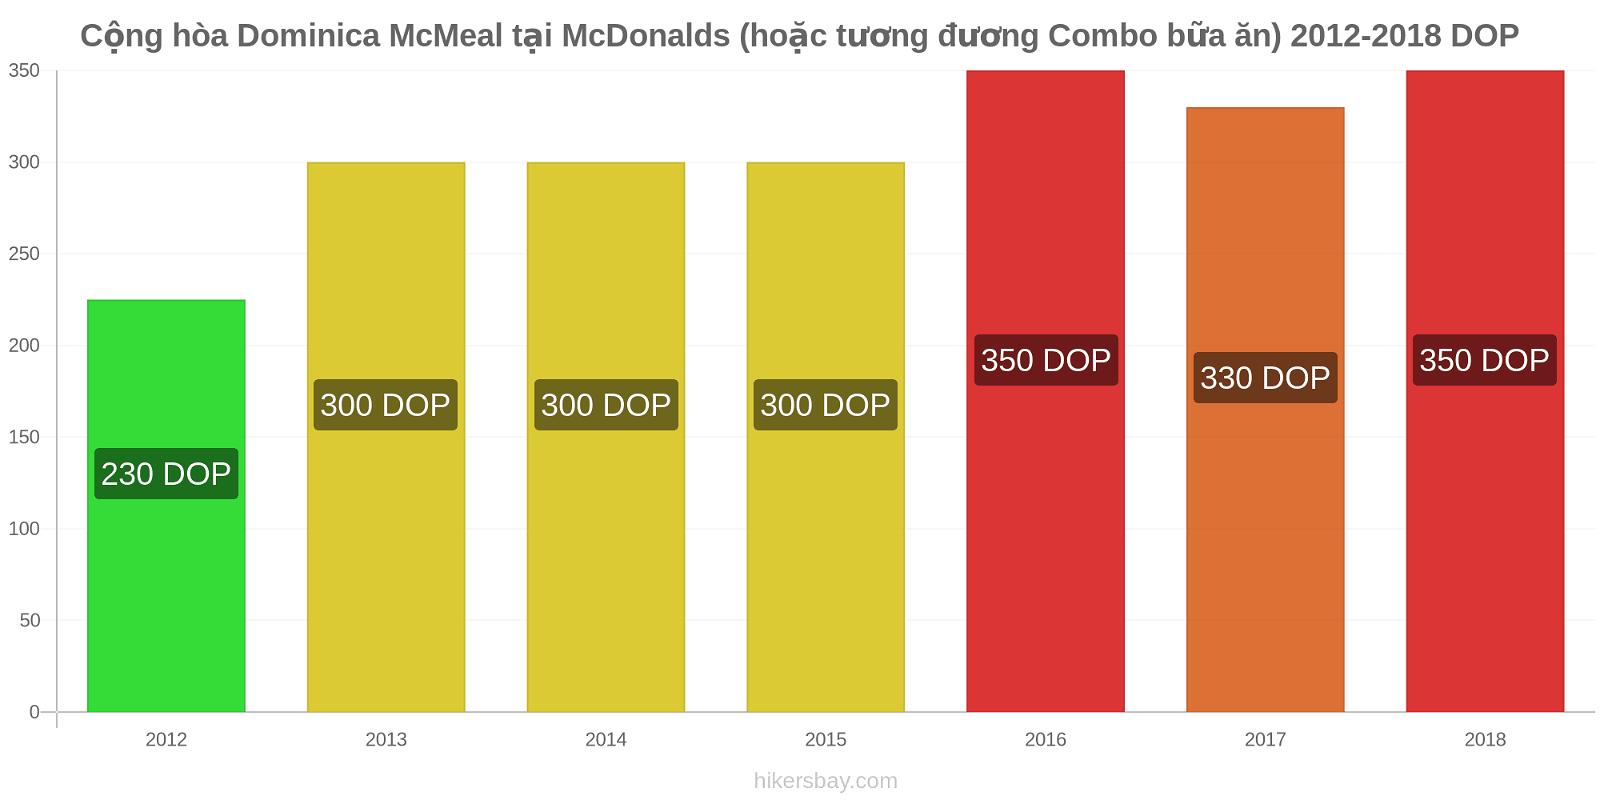 Cộng hòa Dominica thay đổi giá McMeal tại McDonalds (hoặc tương đương Combo bữa ăn) hikersbay.com